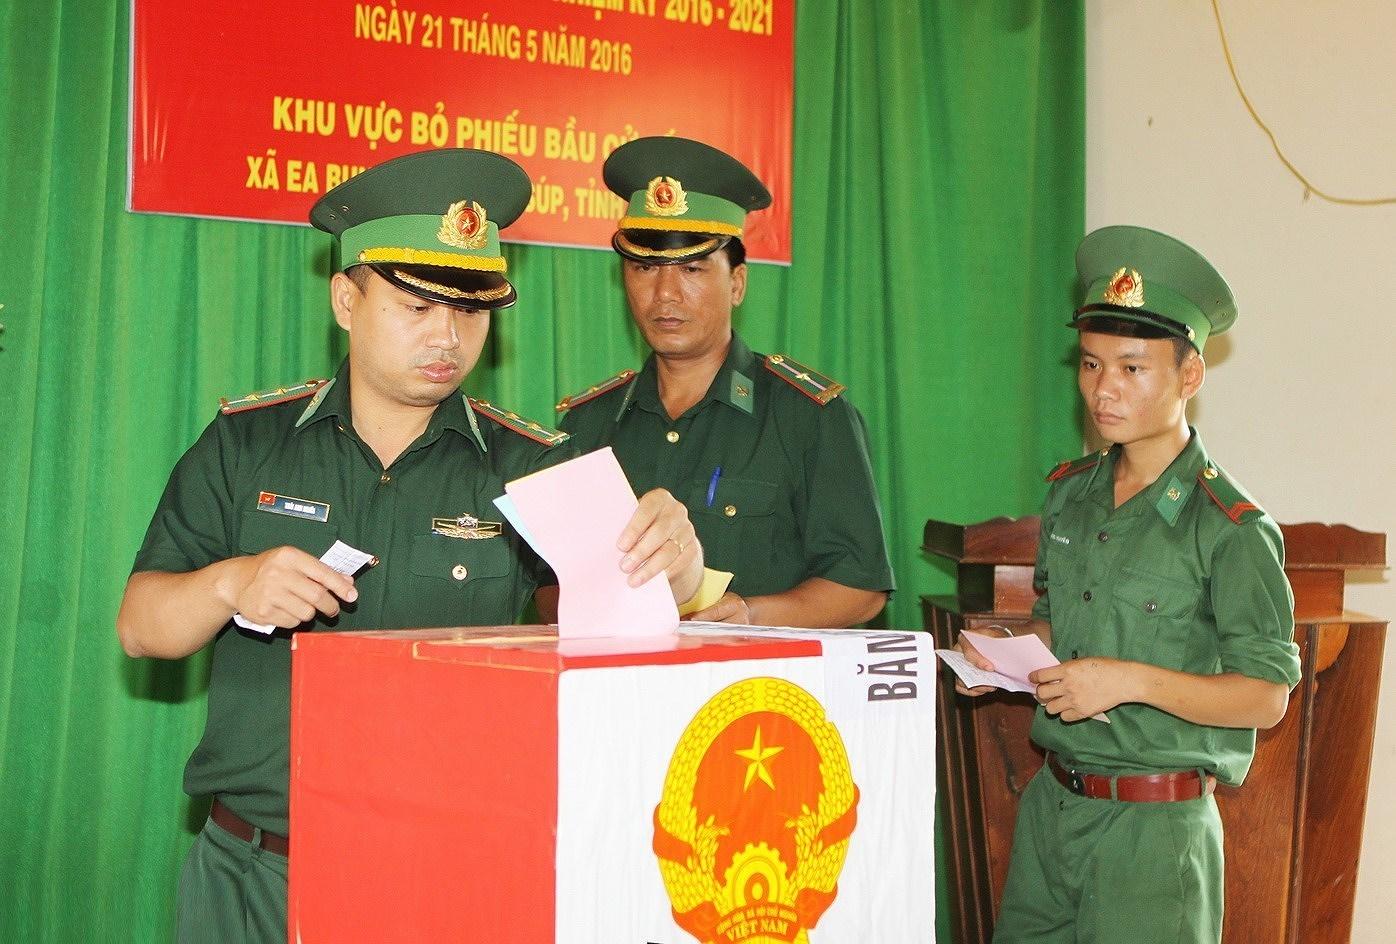 Выборы депутатов Национального Собрания и депутатов Народных Советов всех уровнеи - Всенародныи праздник hinh anh 3